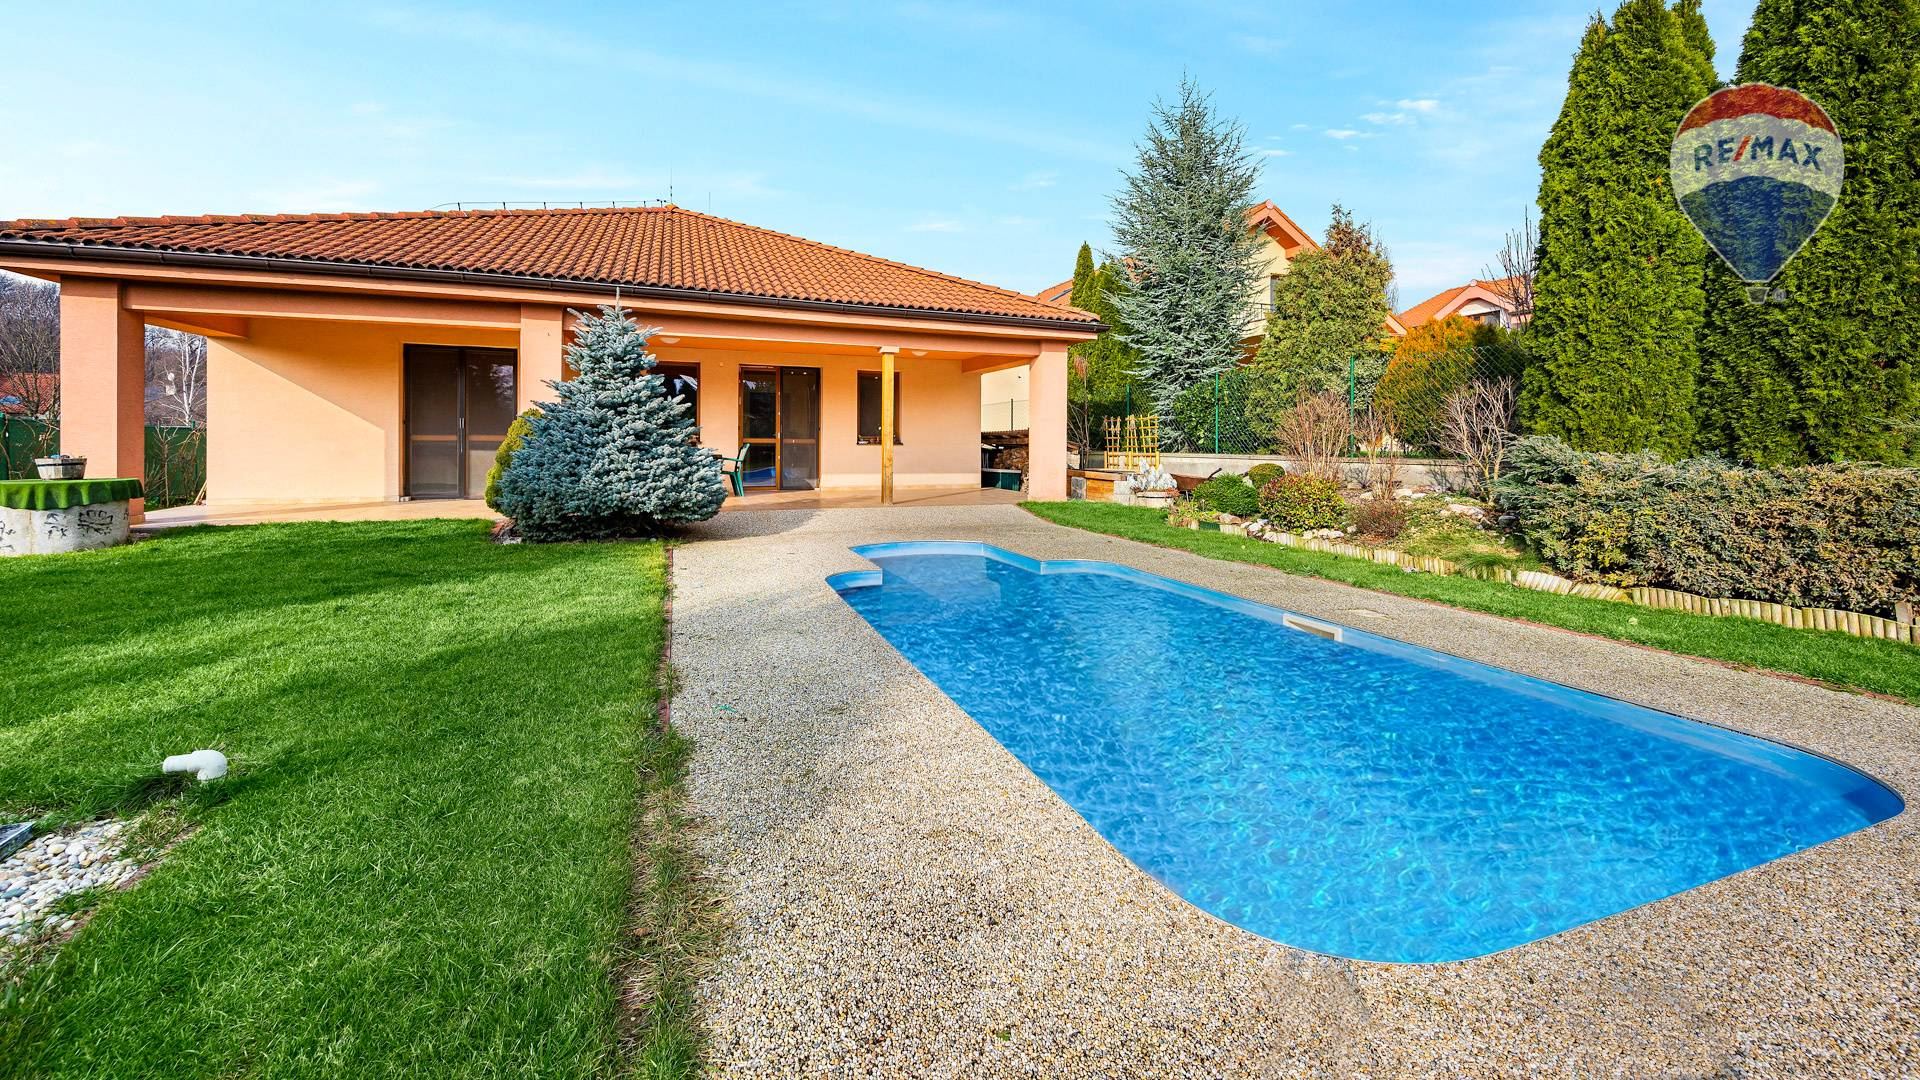 Predaj domu 207 m2, Nitra - Rodinný dom s bazénom